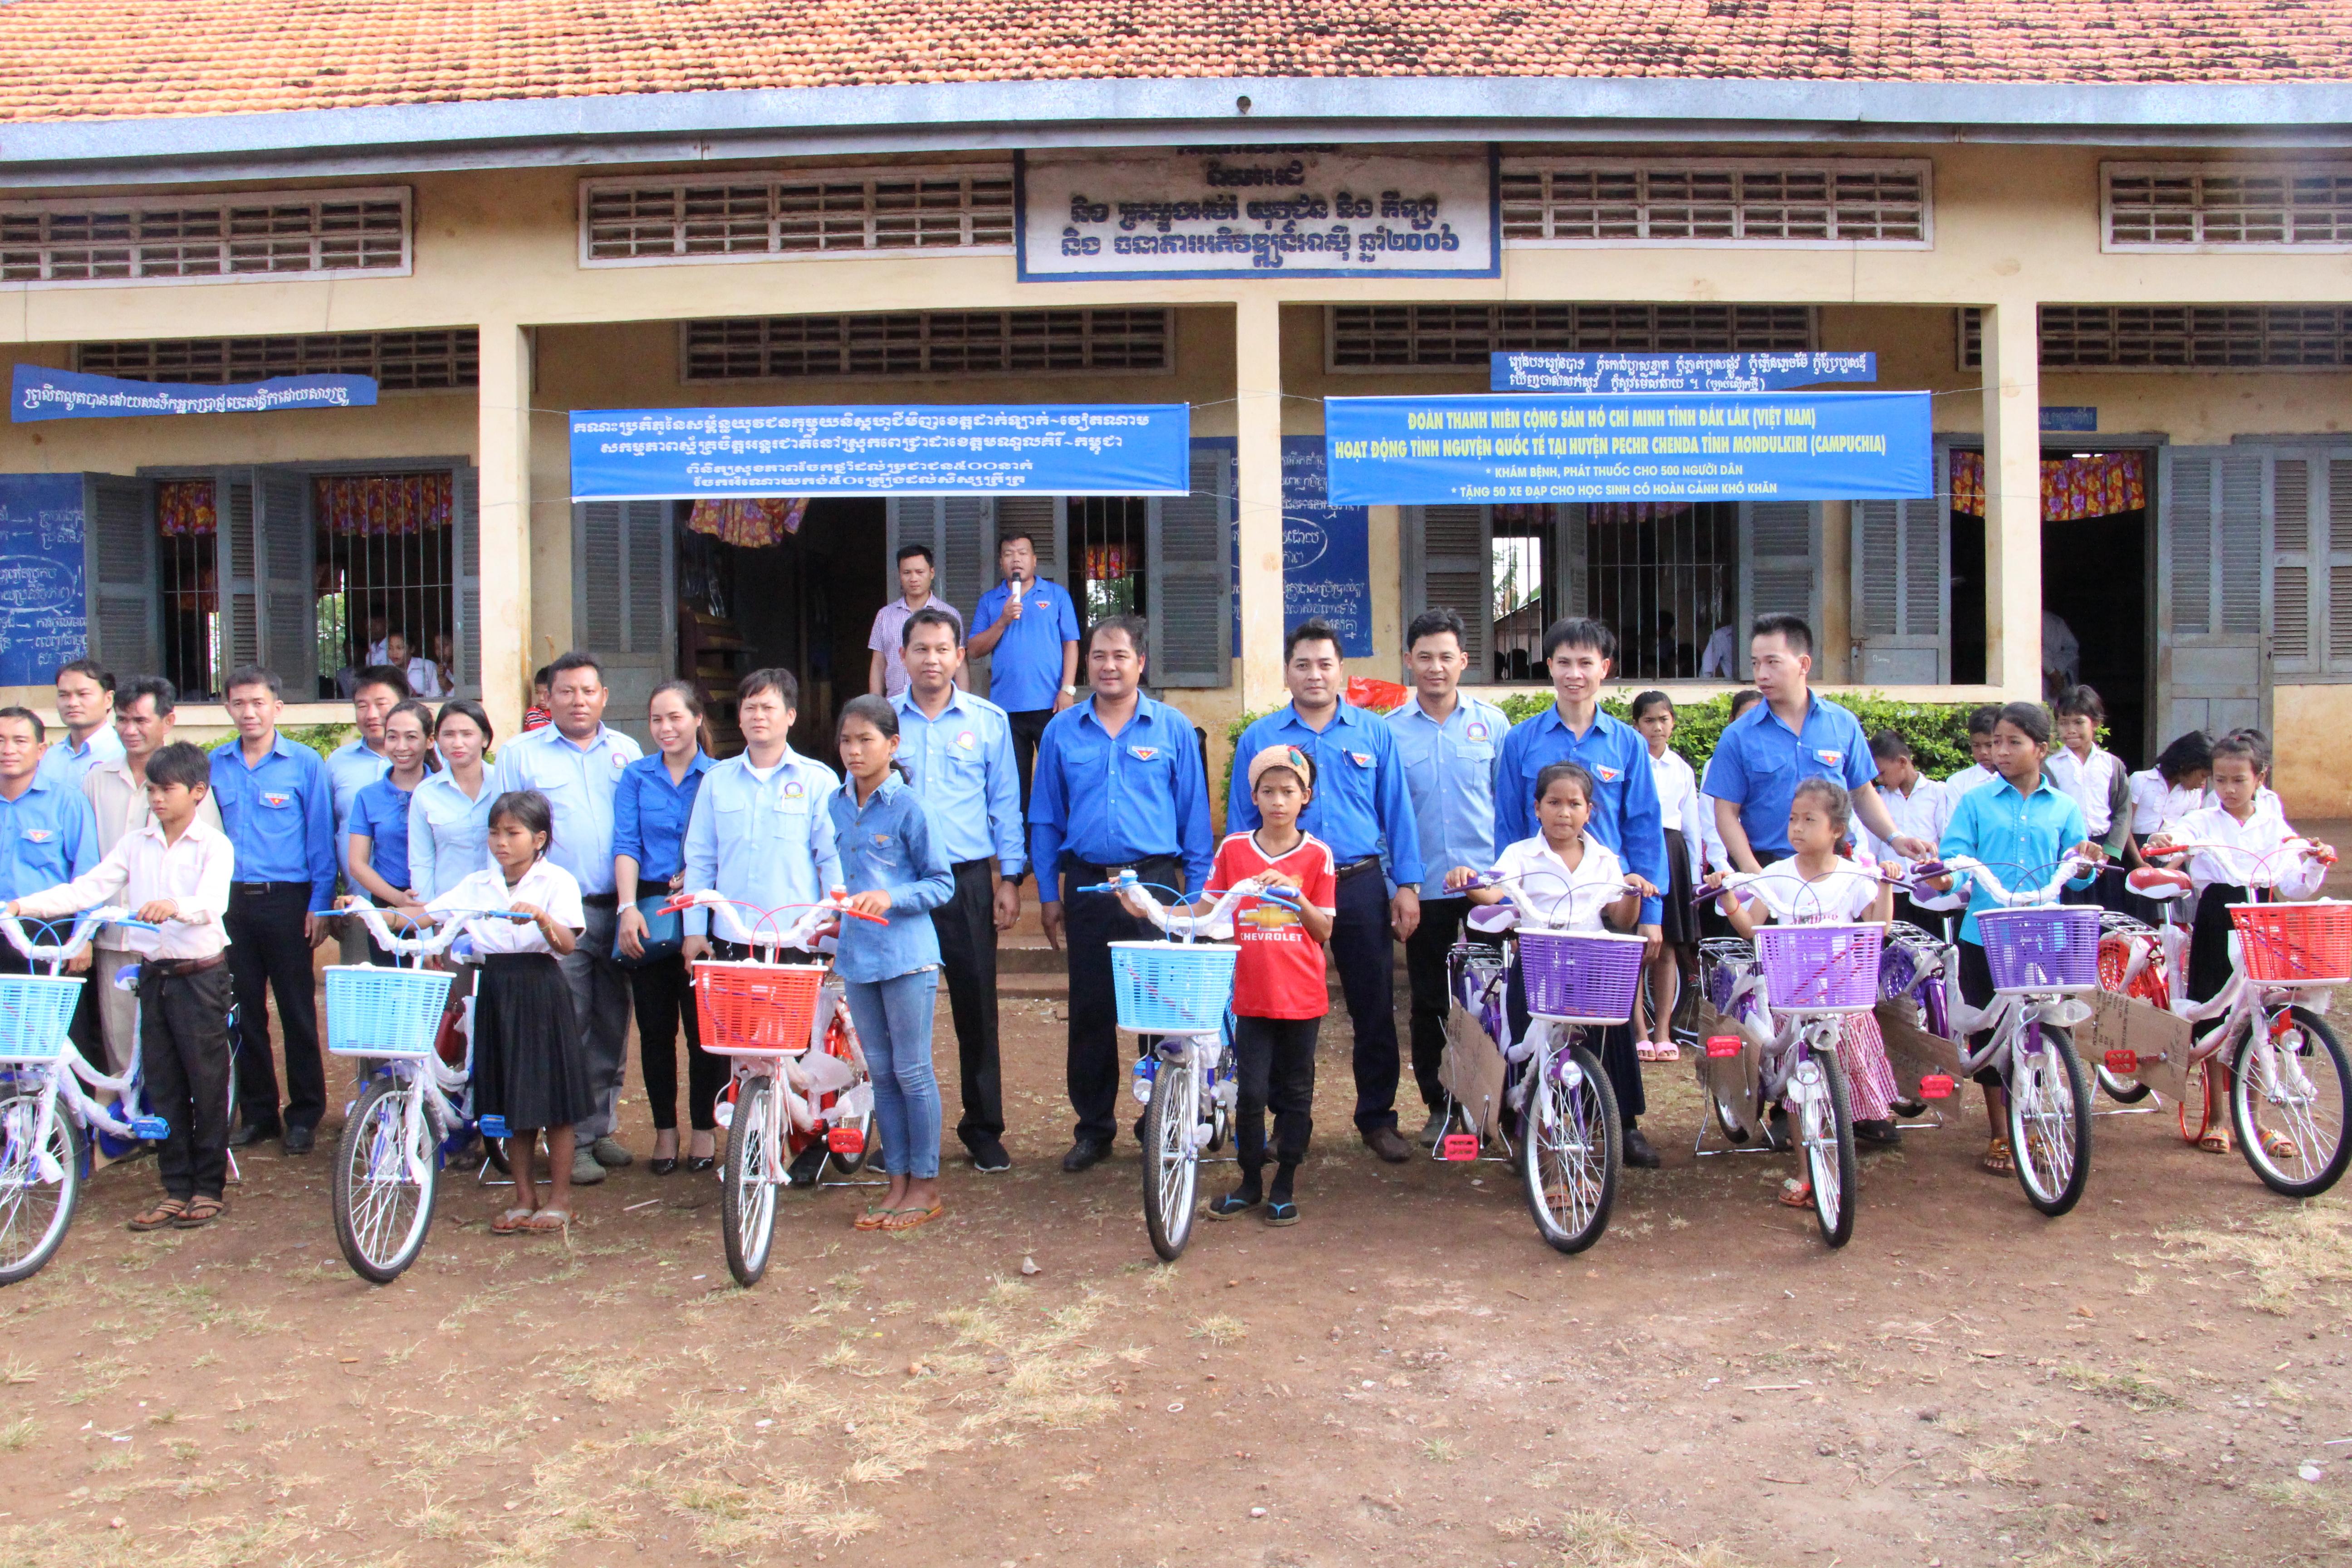 Tỉnh đoàn Đắk Lắk tổ chức hoạt động tình nguyện quốc tế tại tỉnh Mondulkiri – Vương quốc Campuchia